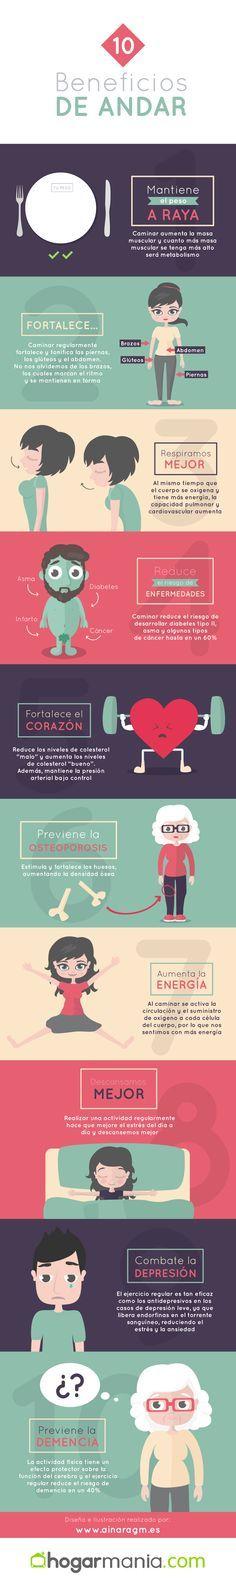 10 buenas razones para salir a andar a diario